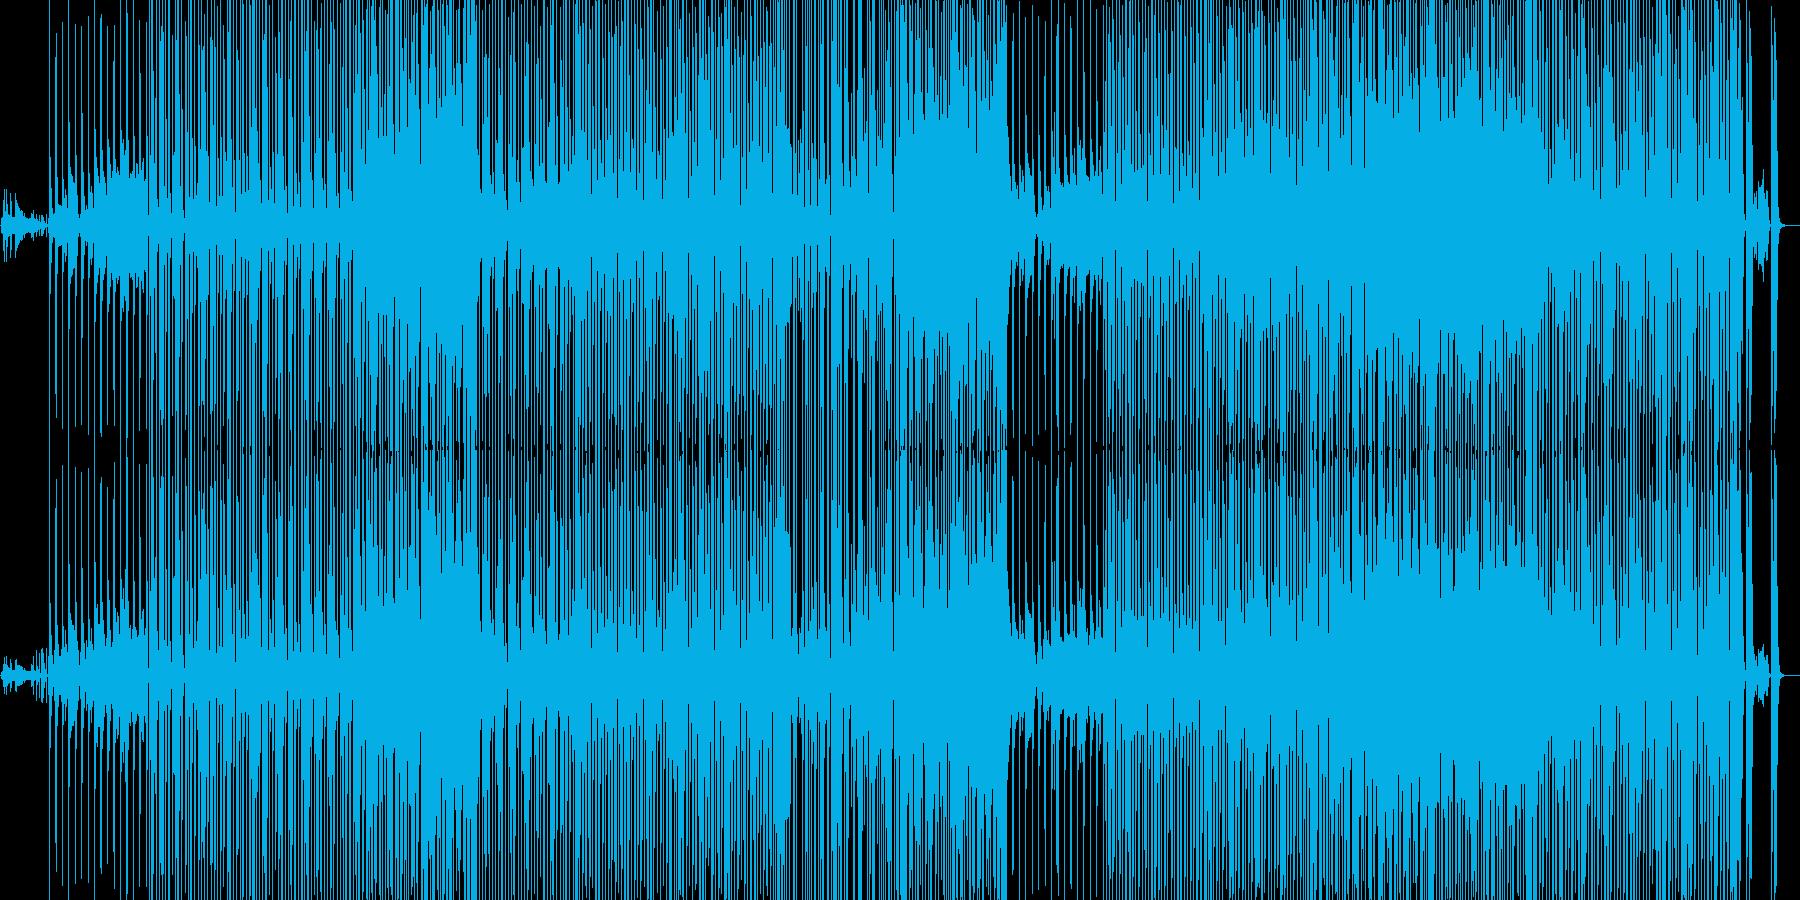 エンタメショー風ヒップホップインストの再生済みの波形